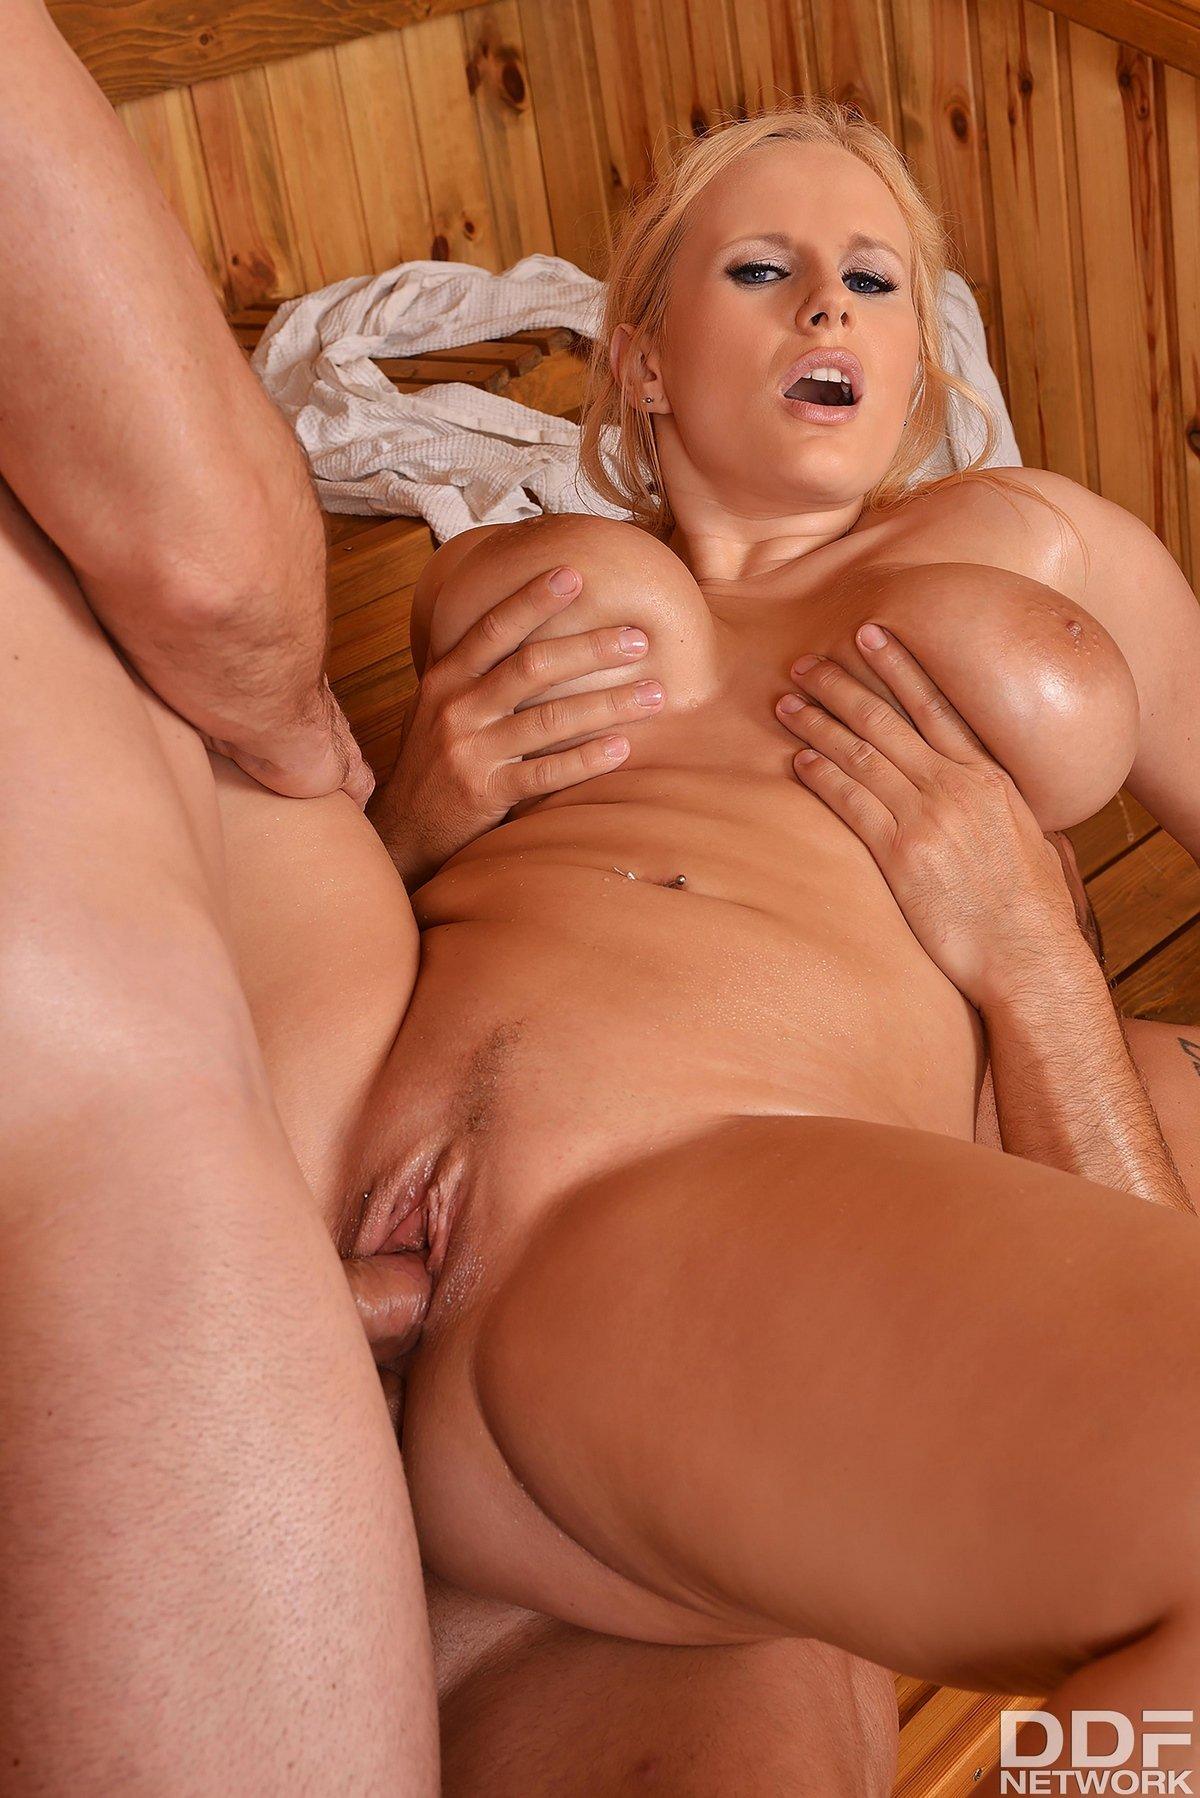 seks-s-siskastoy-blondinkoy